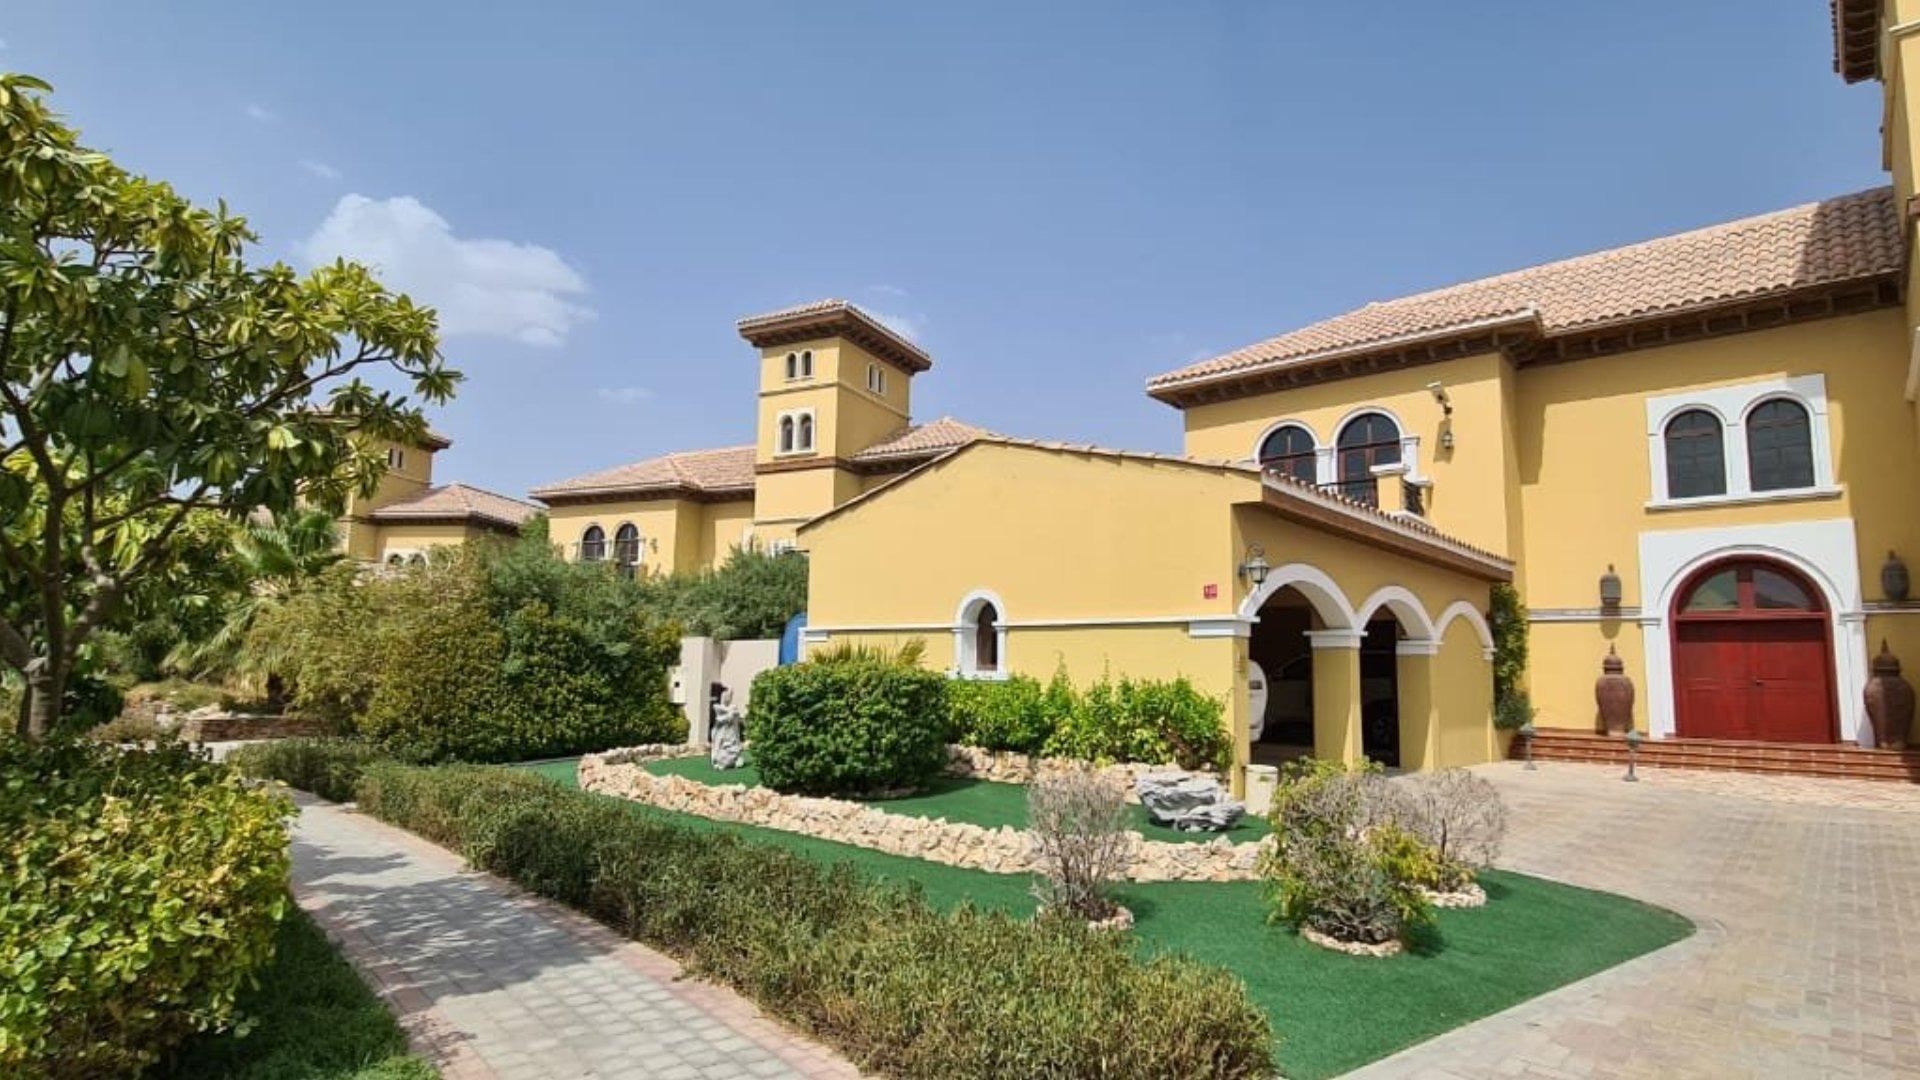 Villa en venta en Dubai, EAU, 5 dormitorios, 625 m2, № 24358 – foto 4